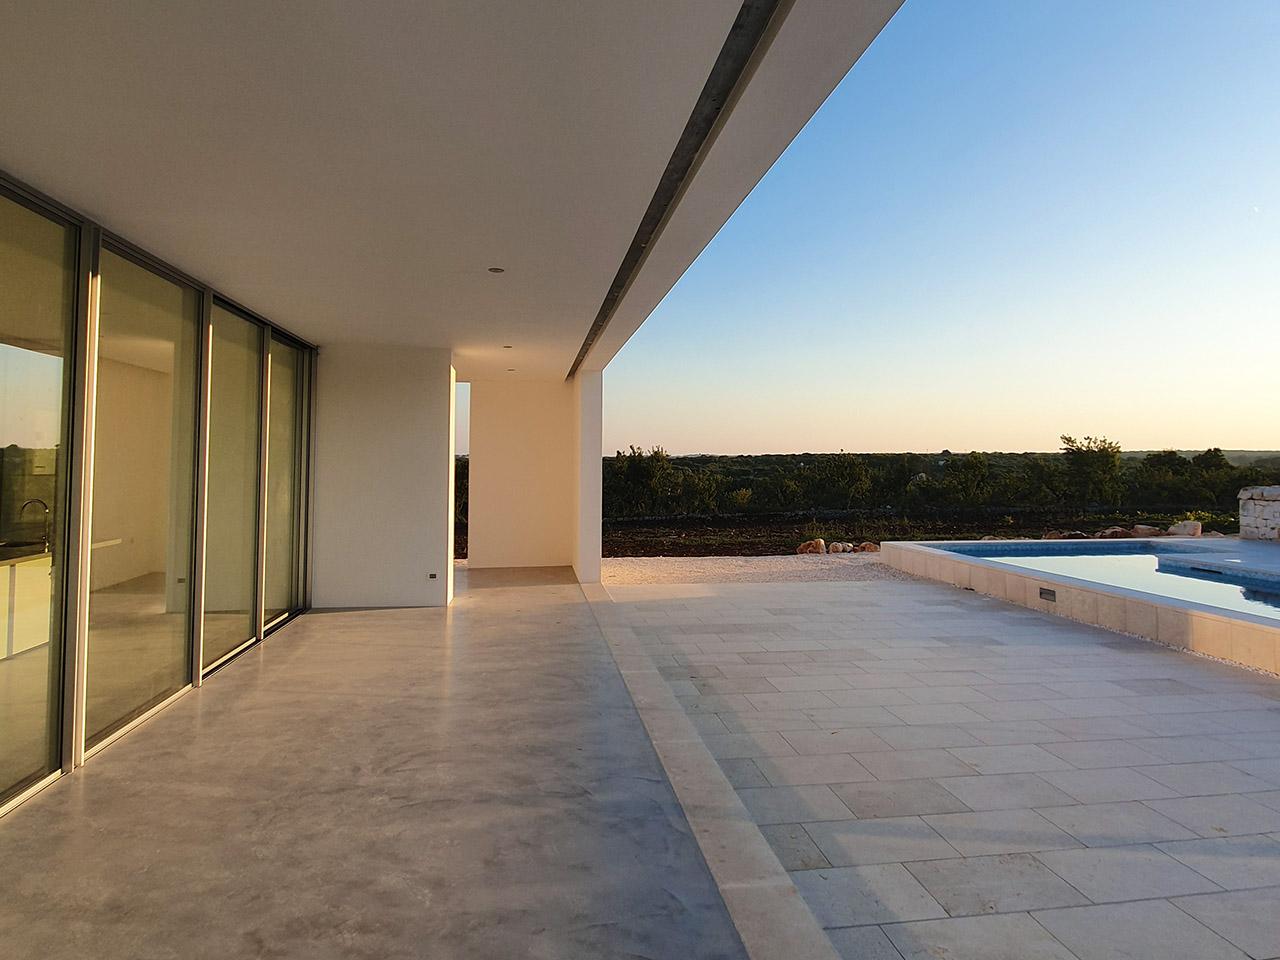 costruzioni restauri sirio ostuni nuova residenza privata ristrutturazione sessana ostuni 20190717 194401